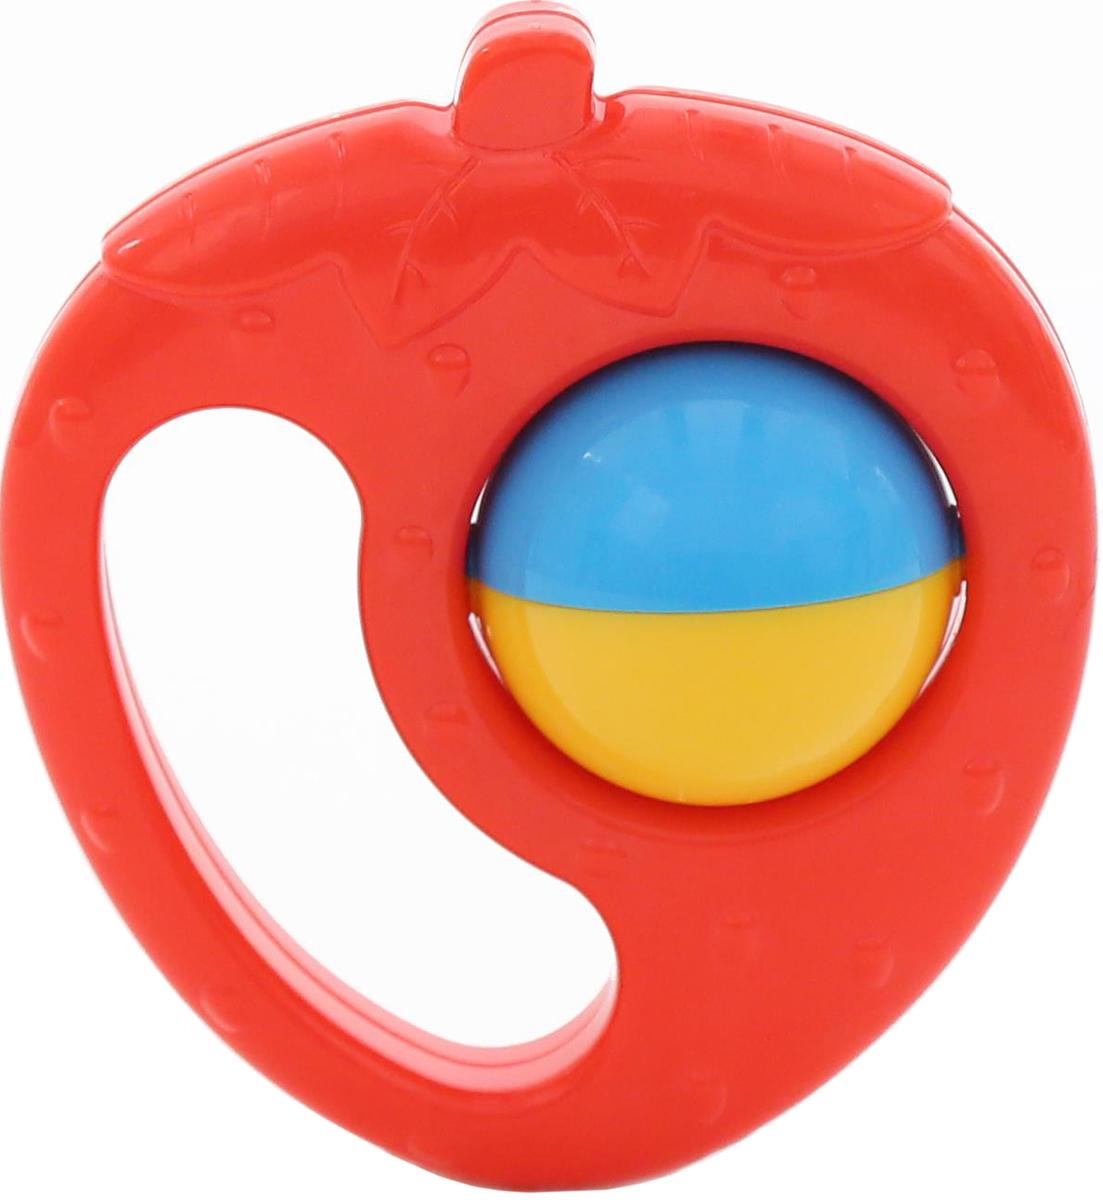 Полесье Погремушка Клубника, цвет в ассортименте